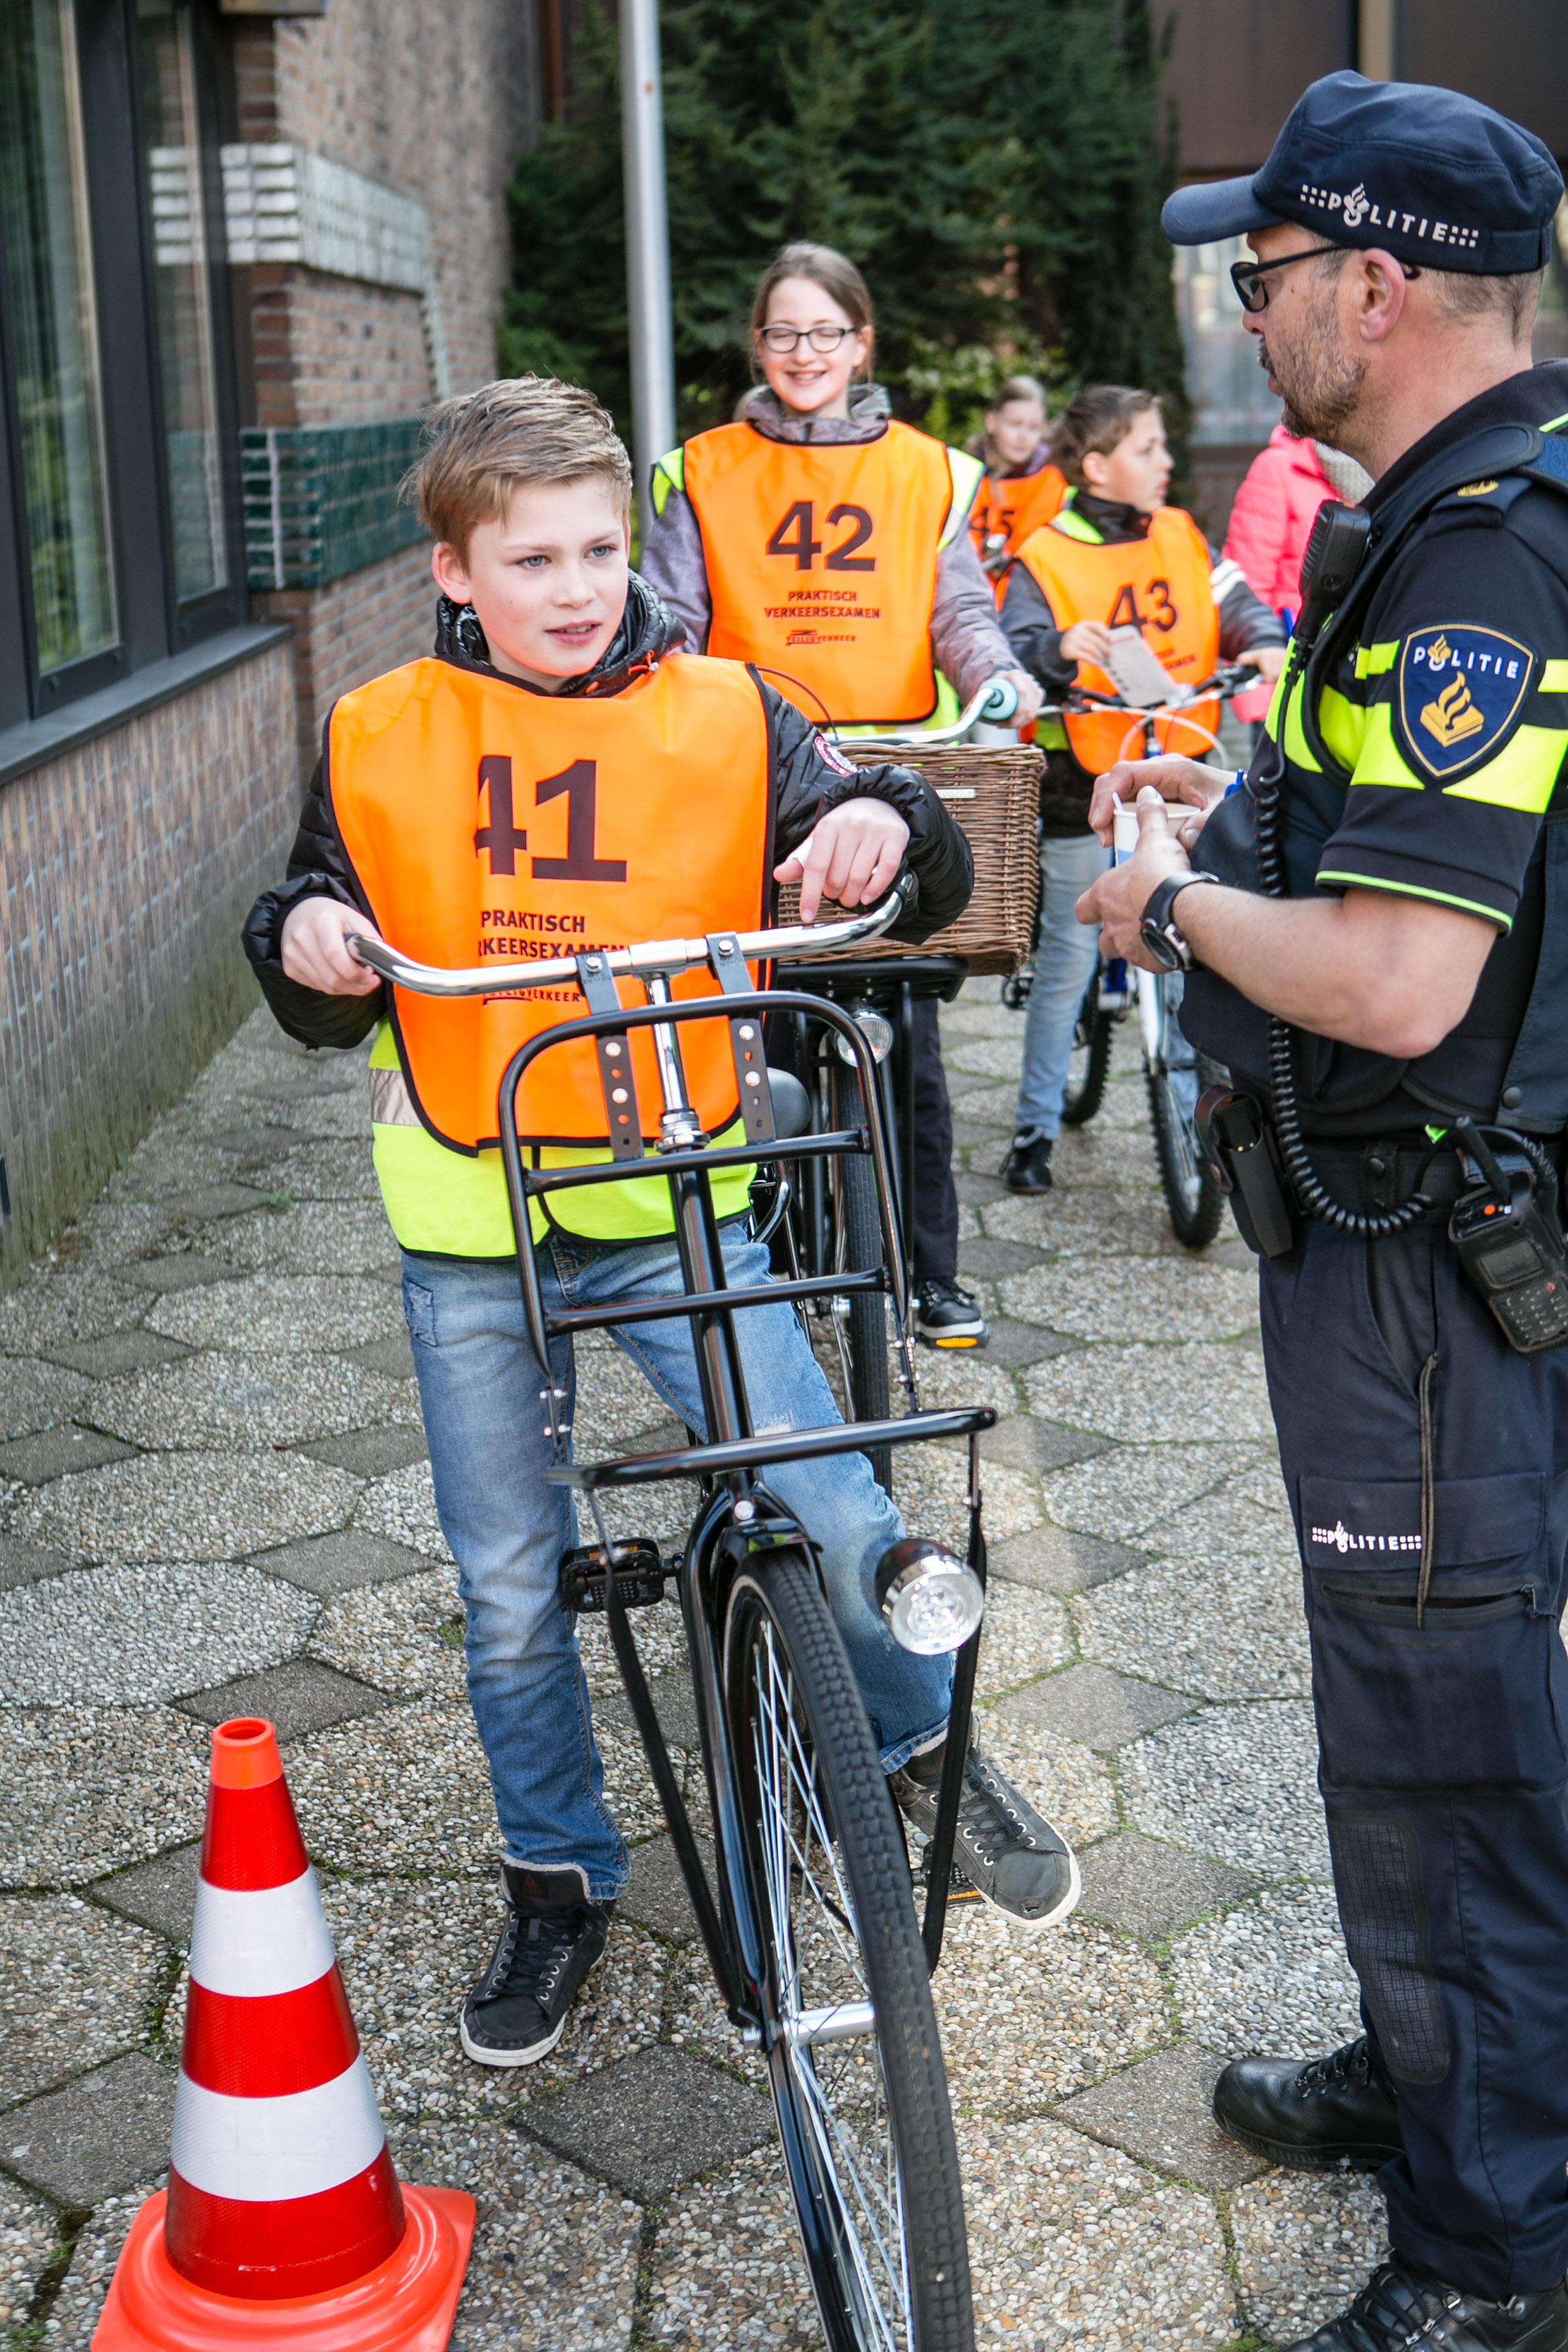 verkeersexamen foto eric van nieuwland 080527